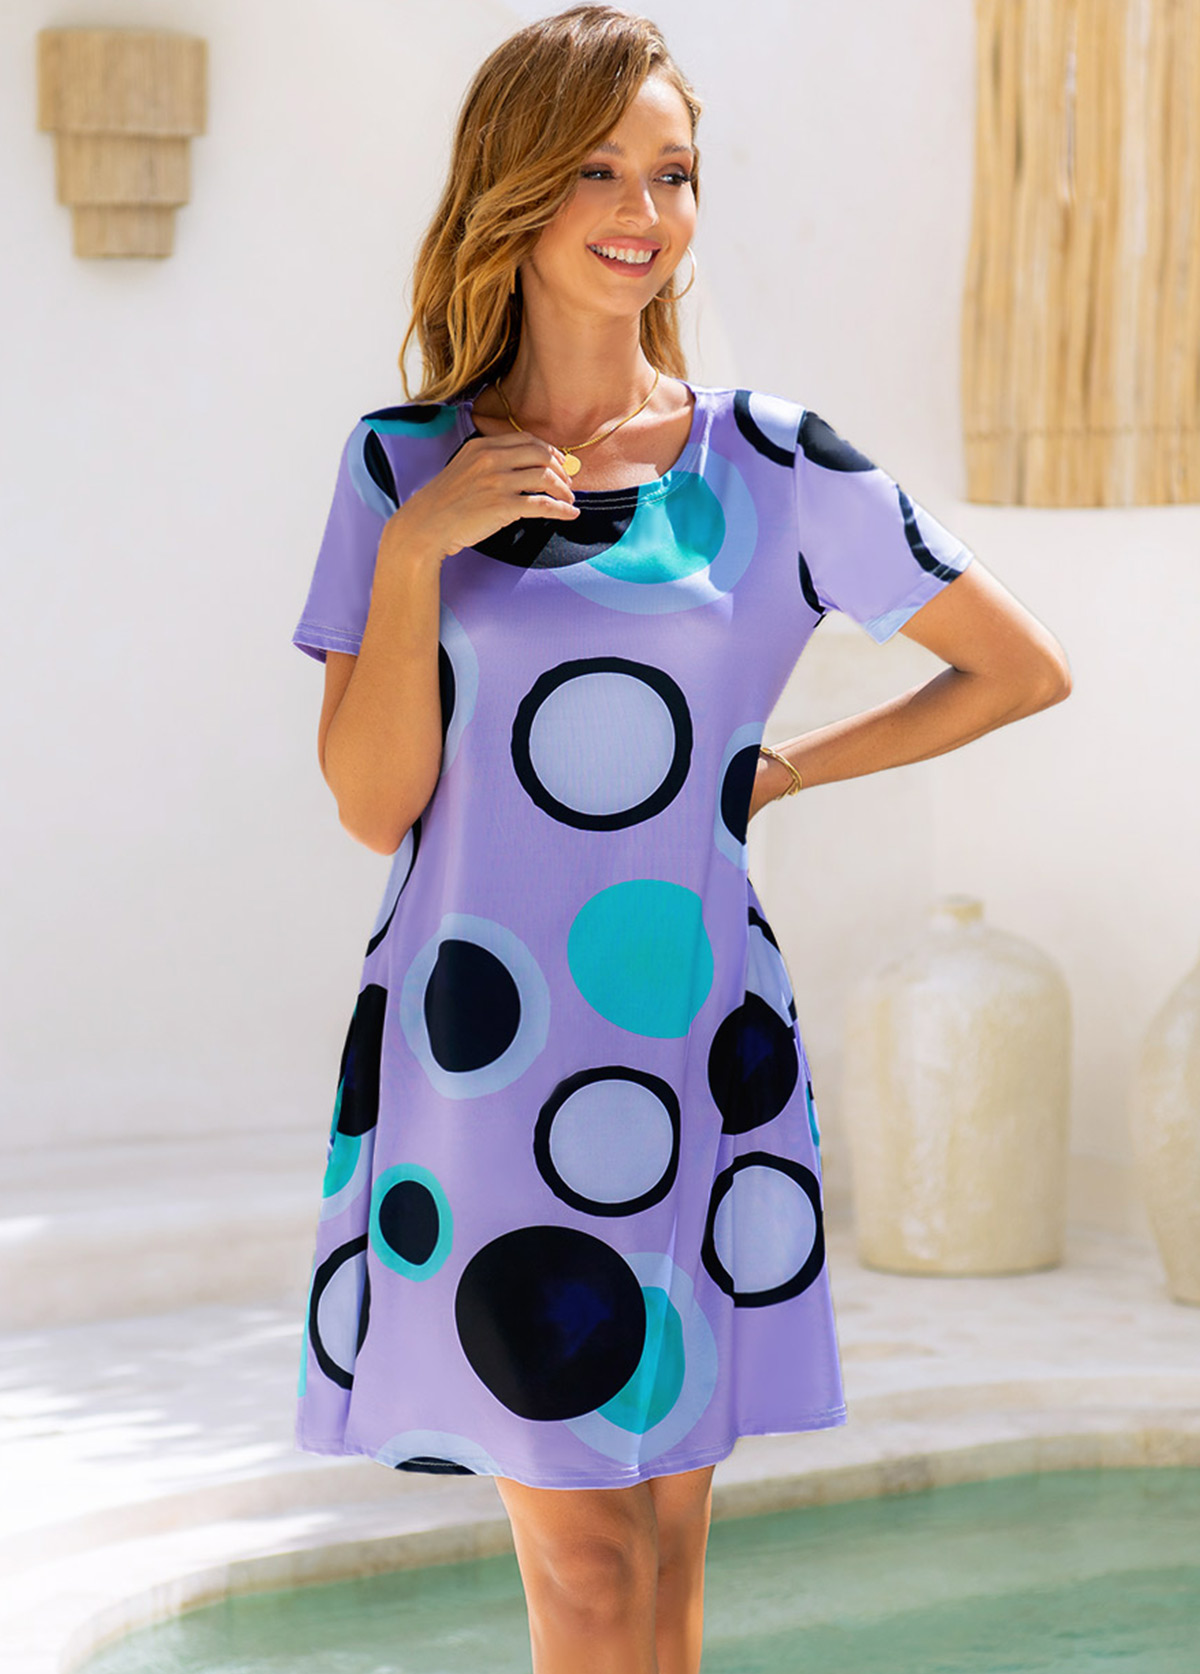 ROTITA Polka Dot Round Neck Short Sleeve Dress